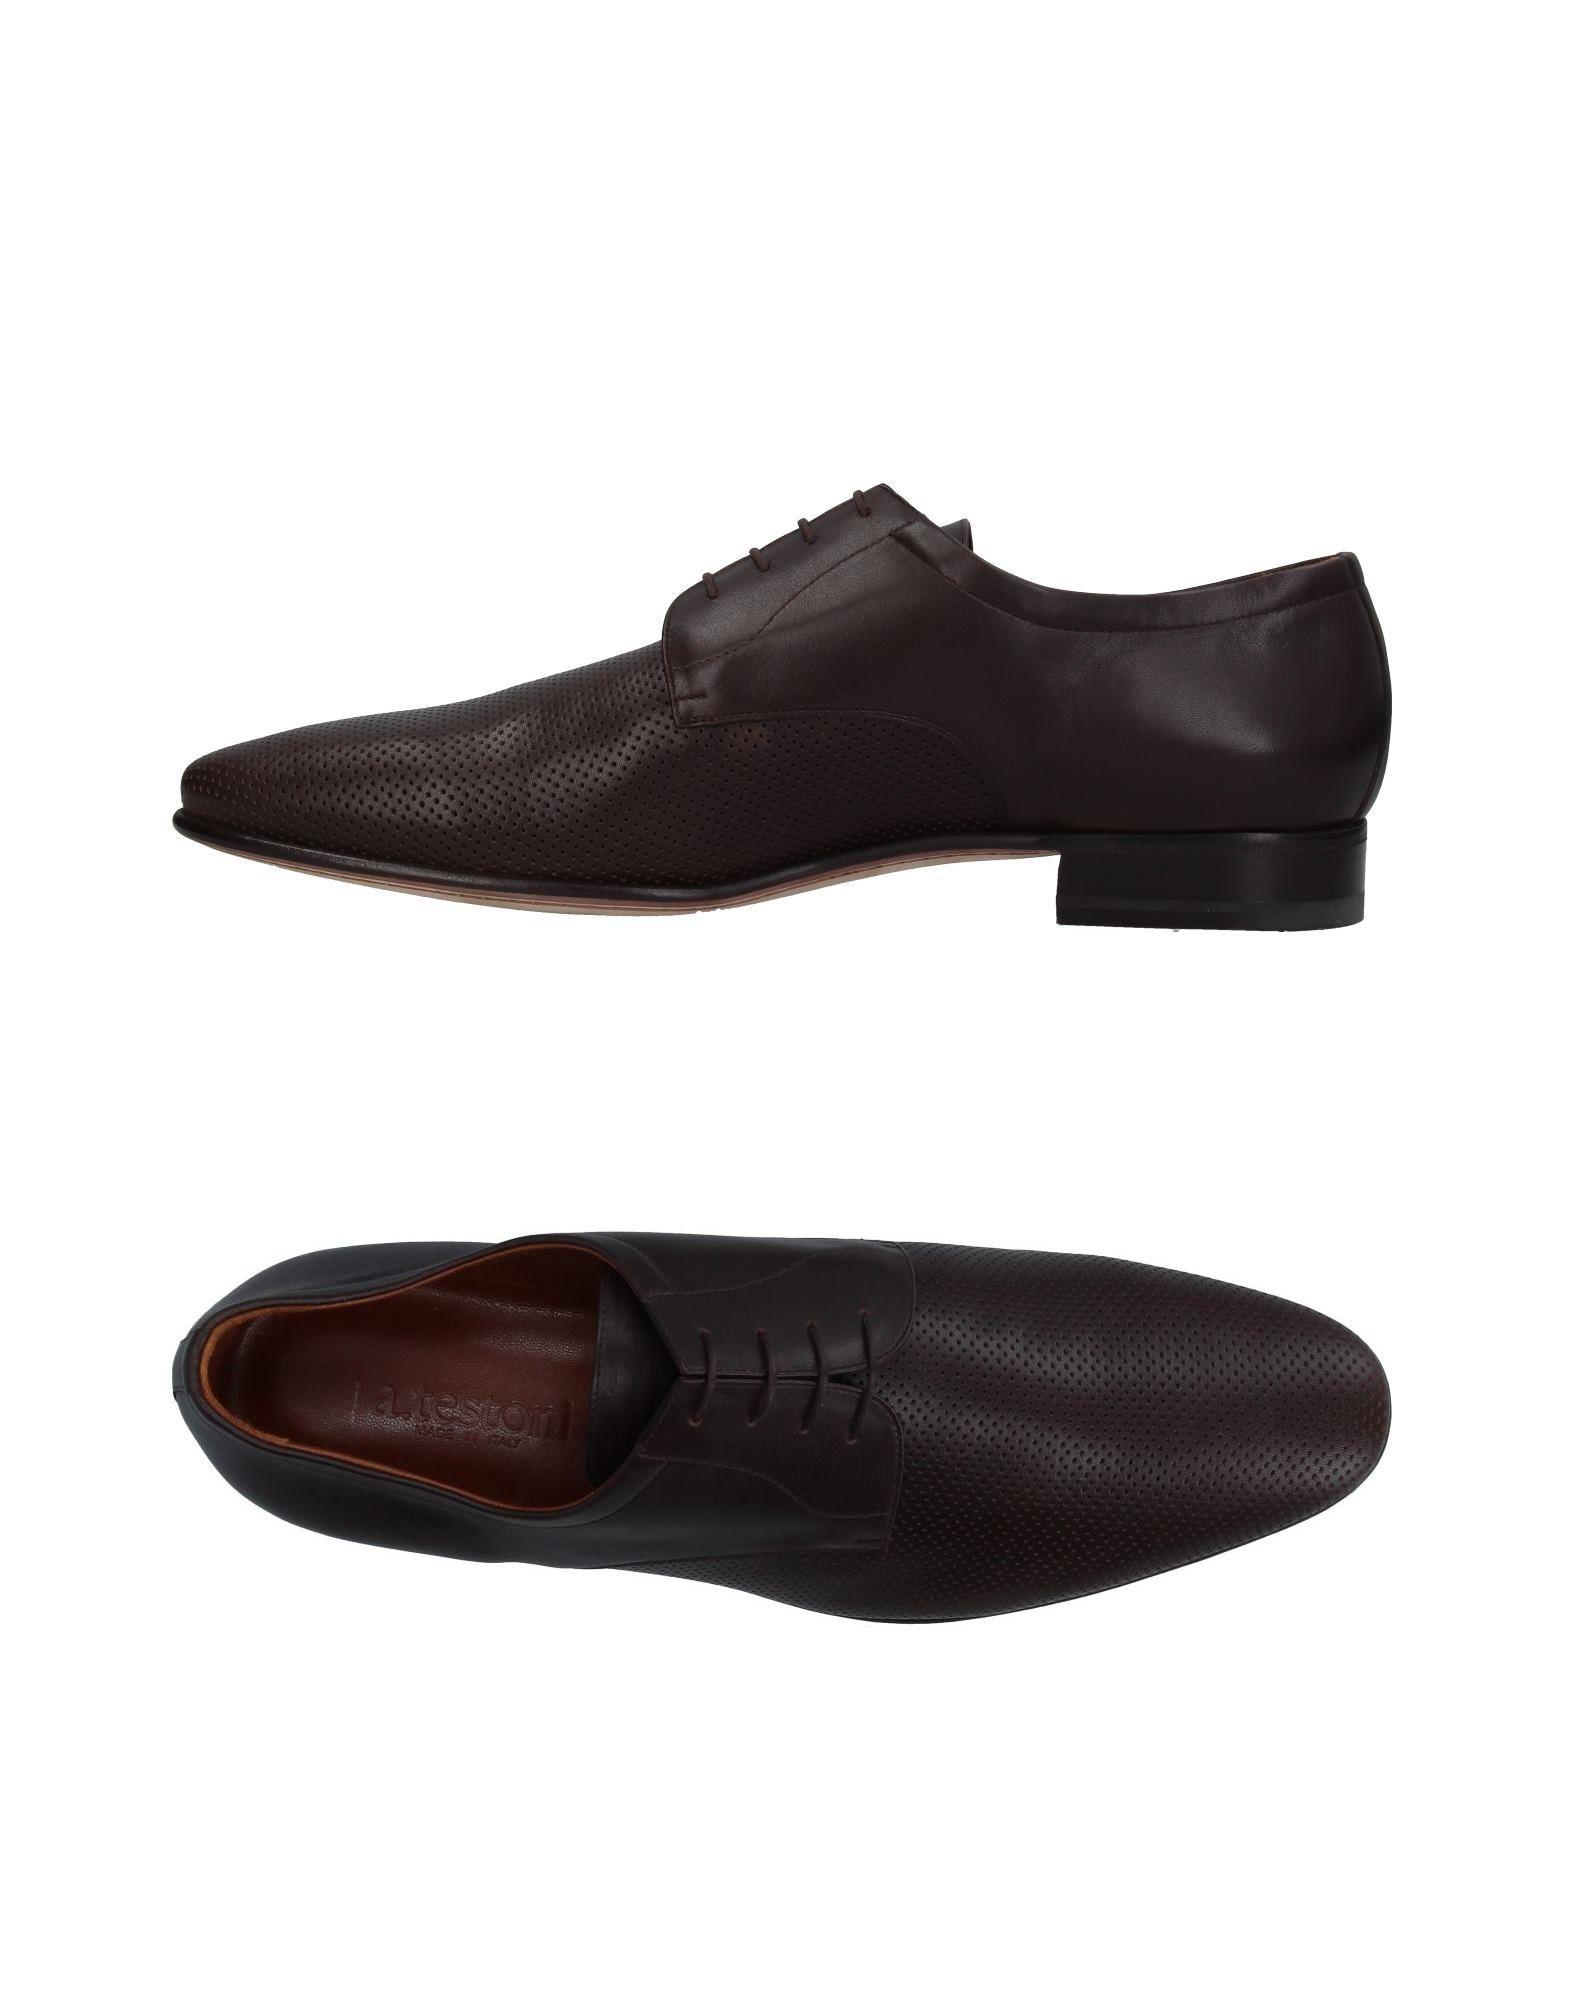 A.TESTONI Обувь на шнурках сандалии ия 2017 круглый нос летняя обувь кожаная обувь обувь с пряжечной кожаная обувь